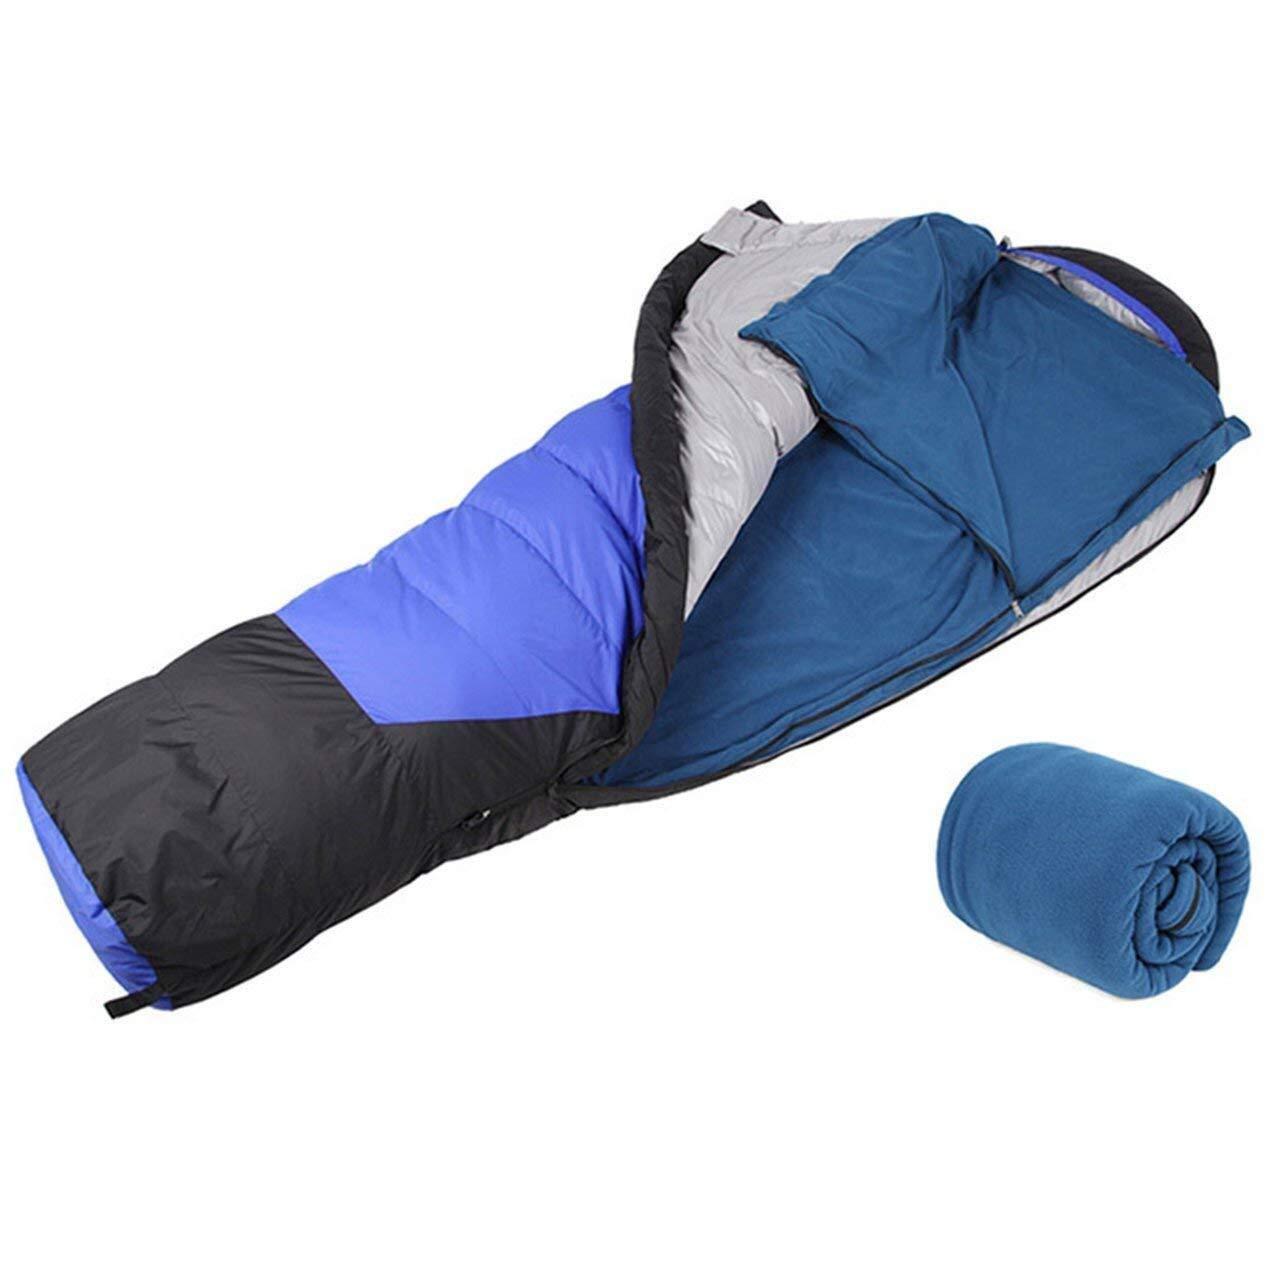 Wencaimd Sacos de Dormir para Acampar Saco de Dormir Polar Ultraligero port/átil for Dormir al Aire Libre Tienda de campa/ña Cama Viaje c/álido Saco de Dormir Forro para el Aire Libre